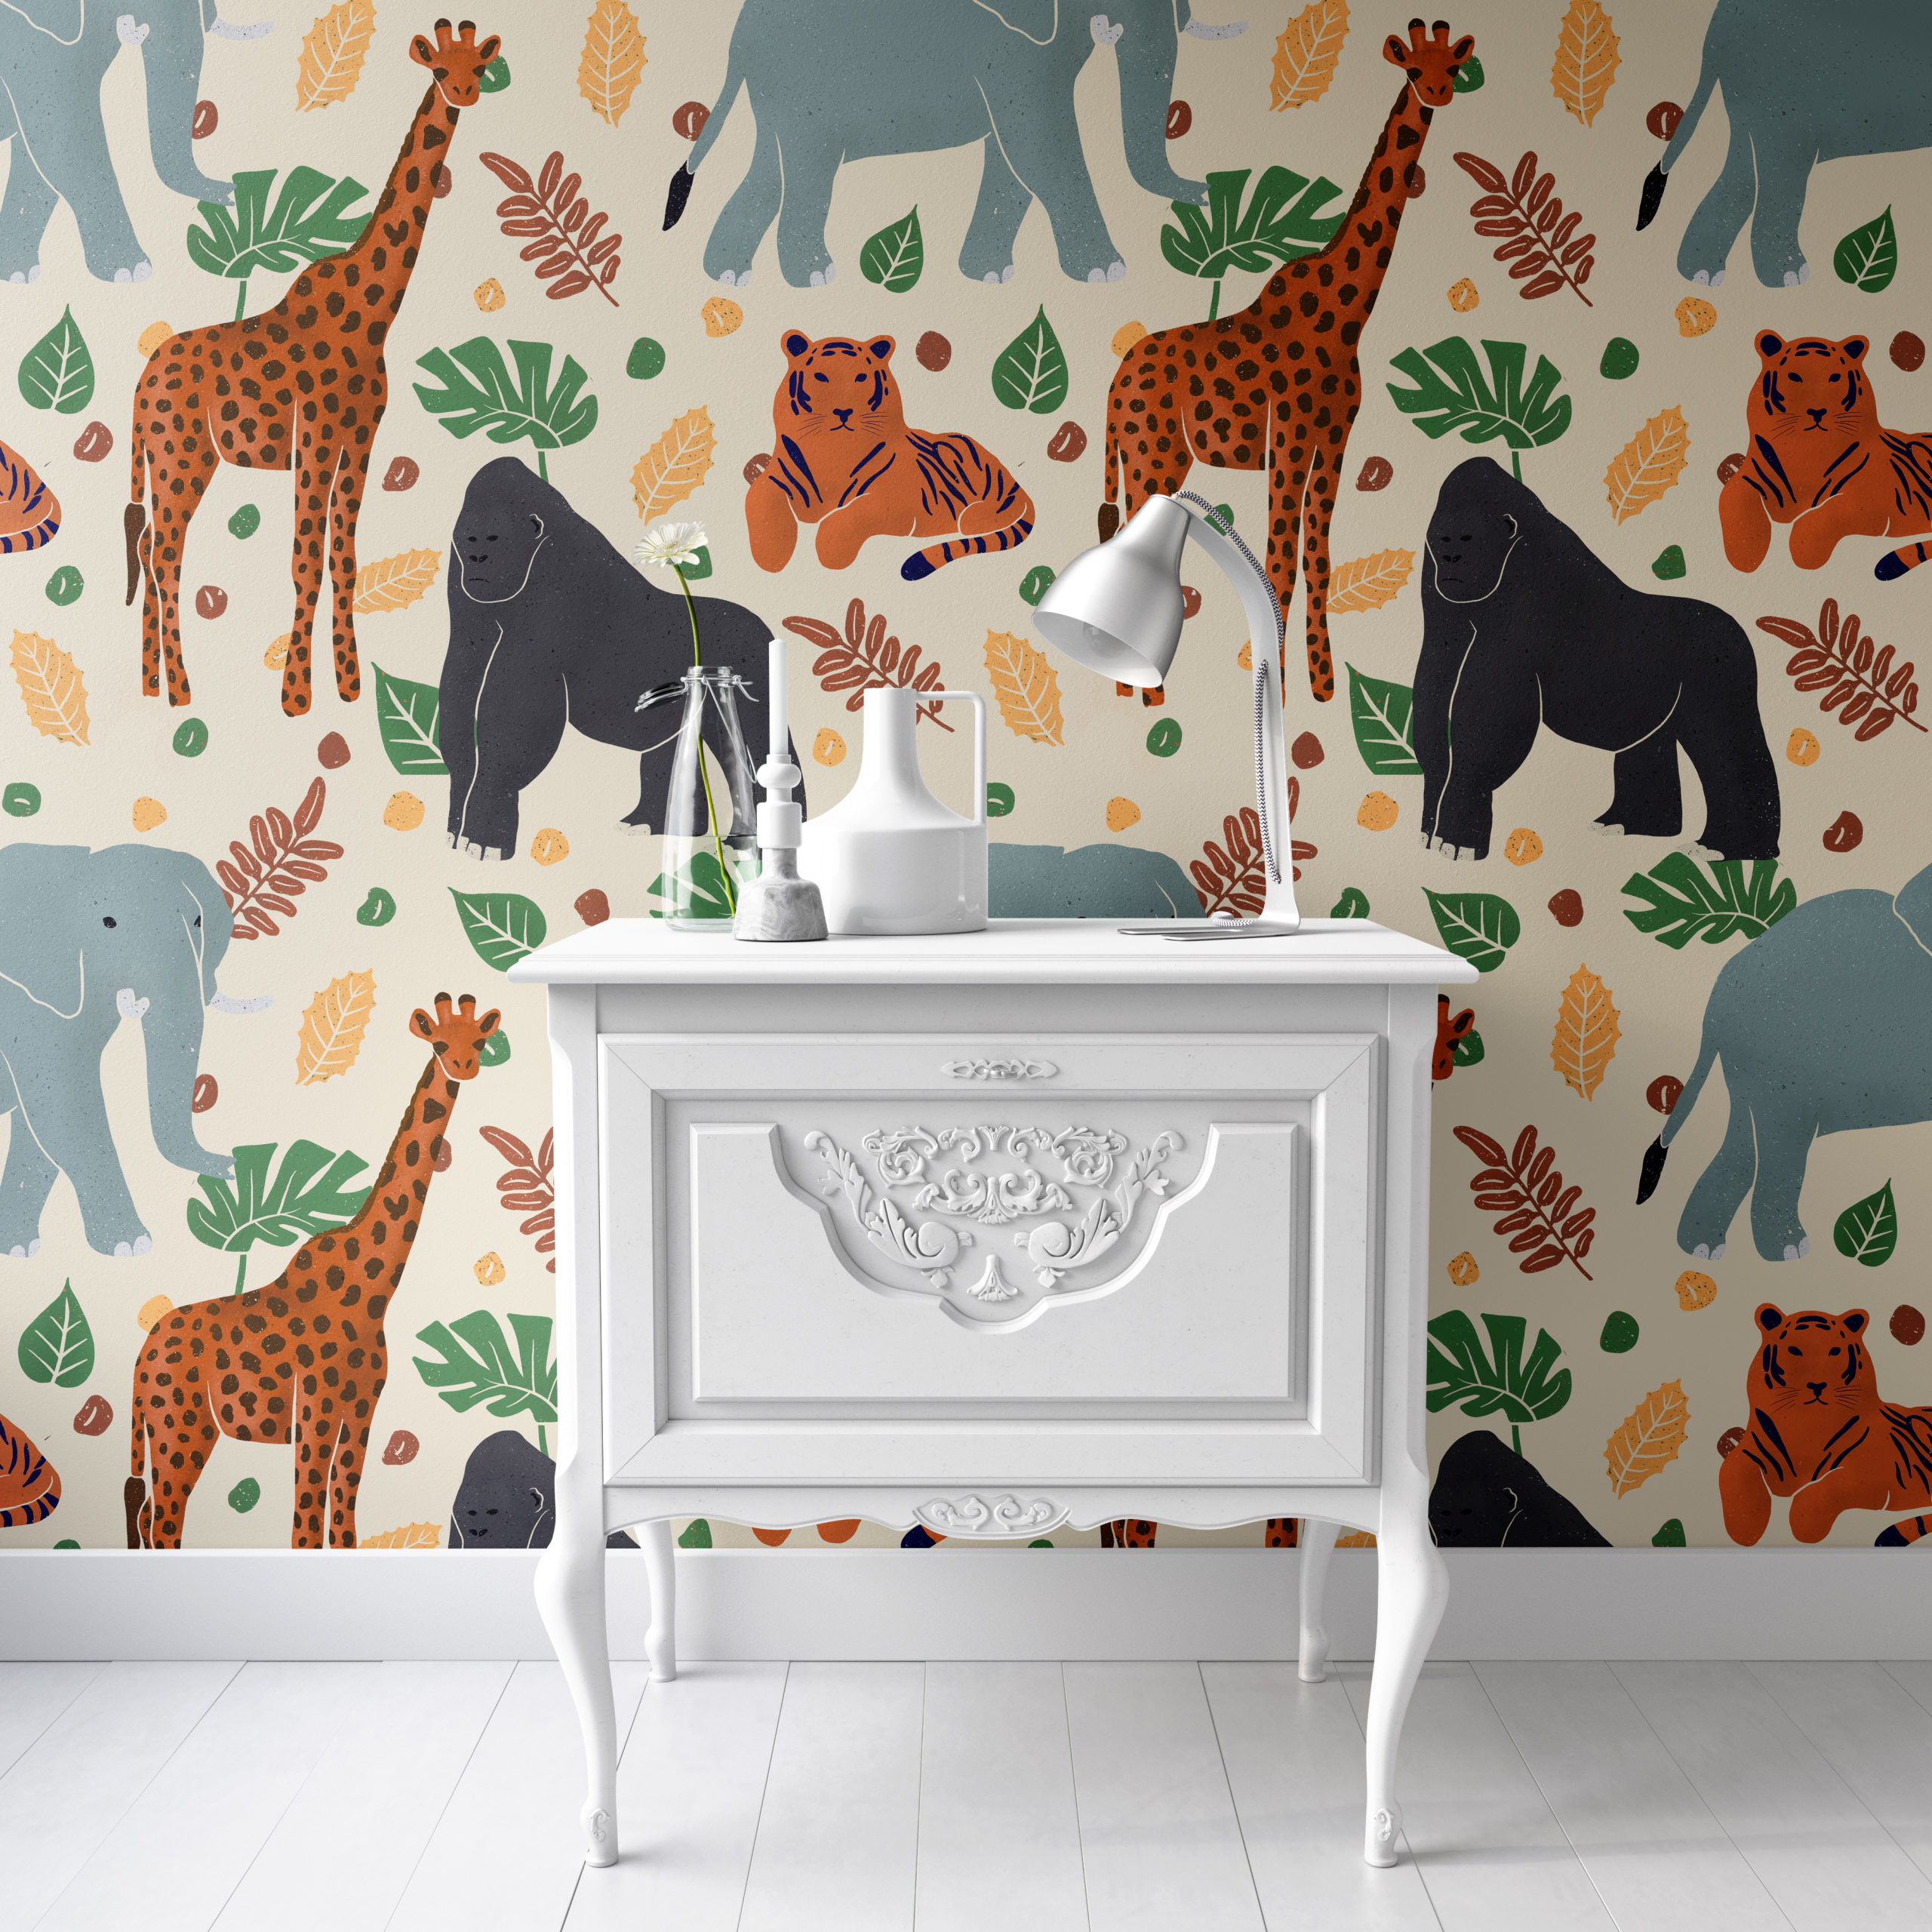 WallpaperDschungel